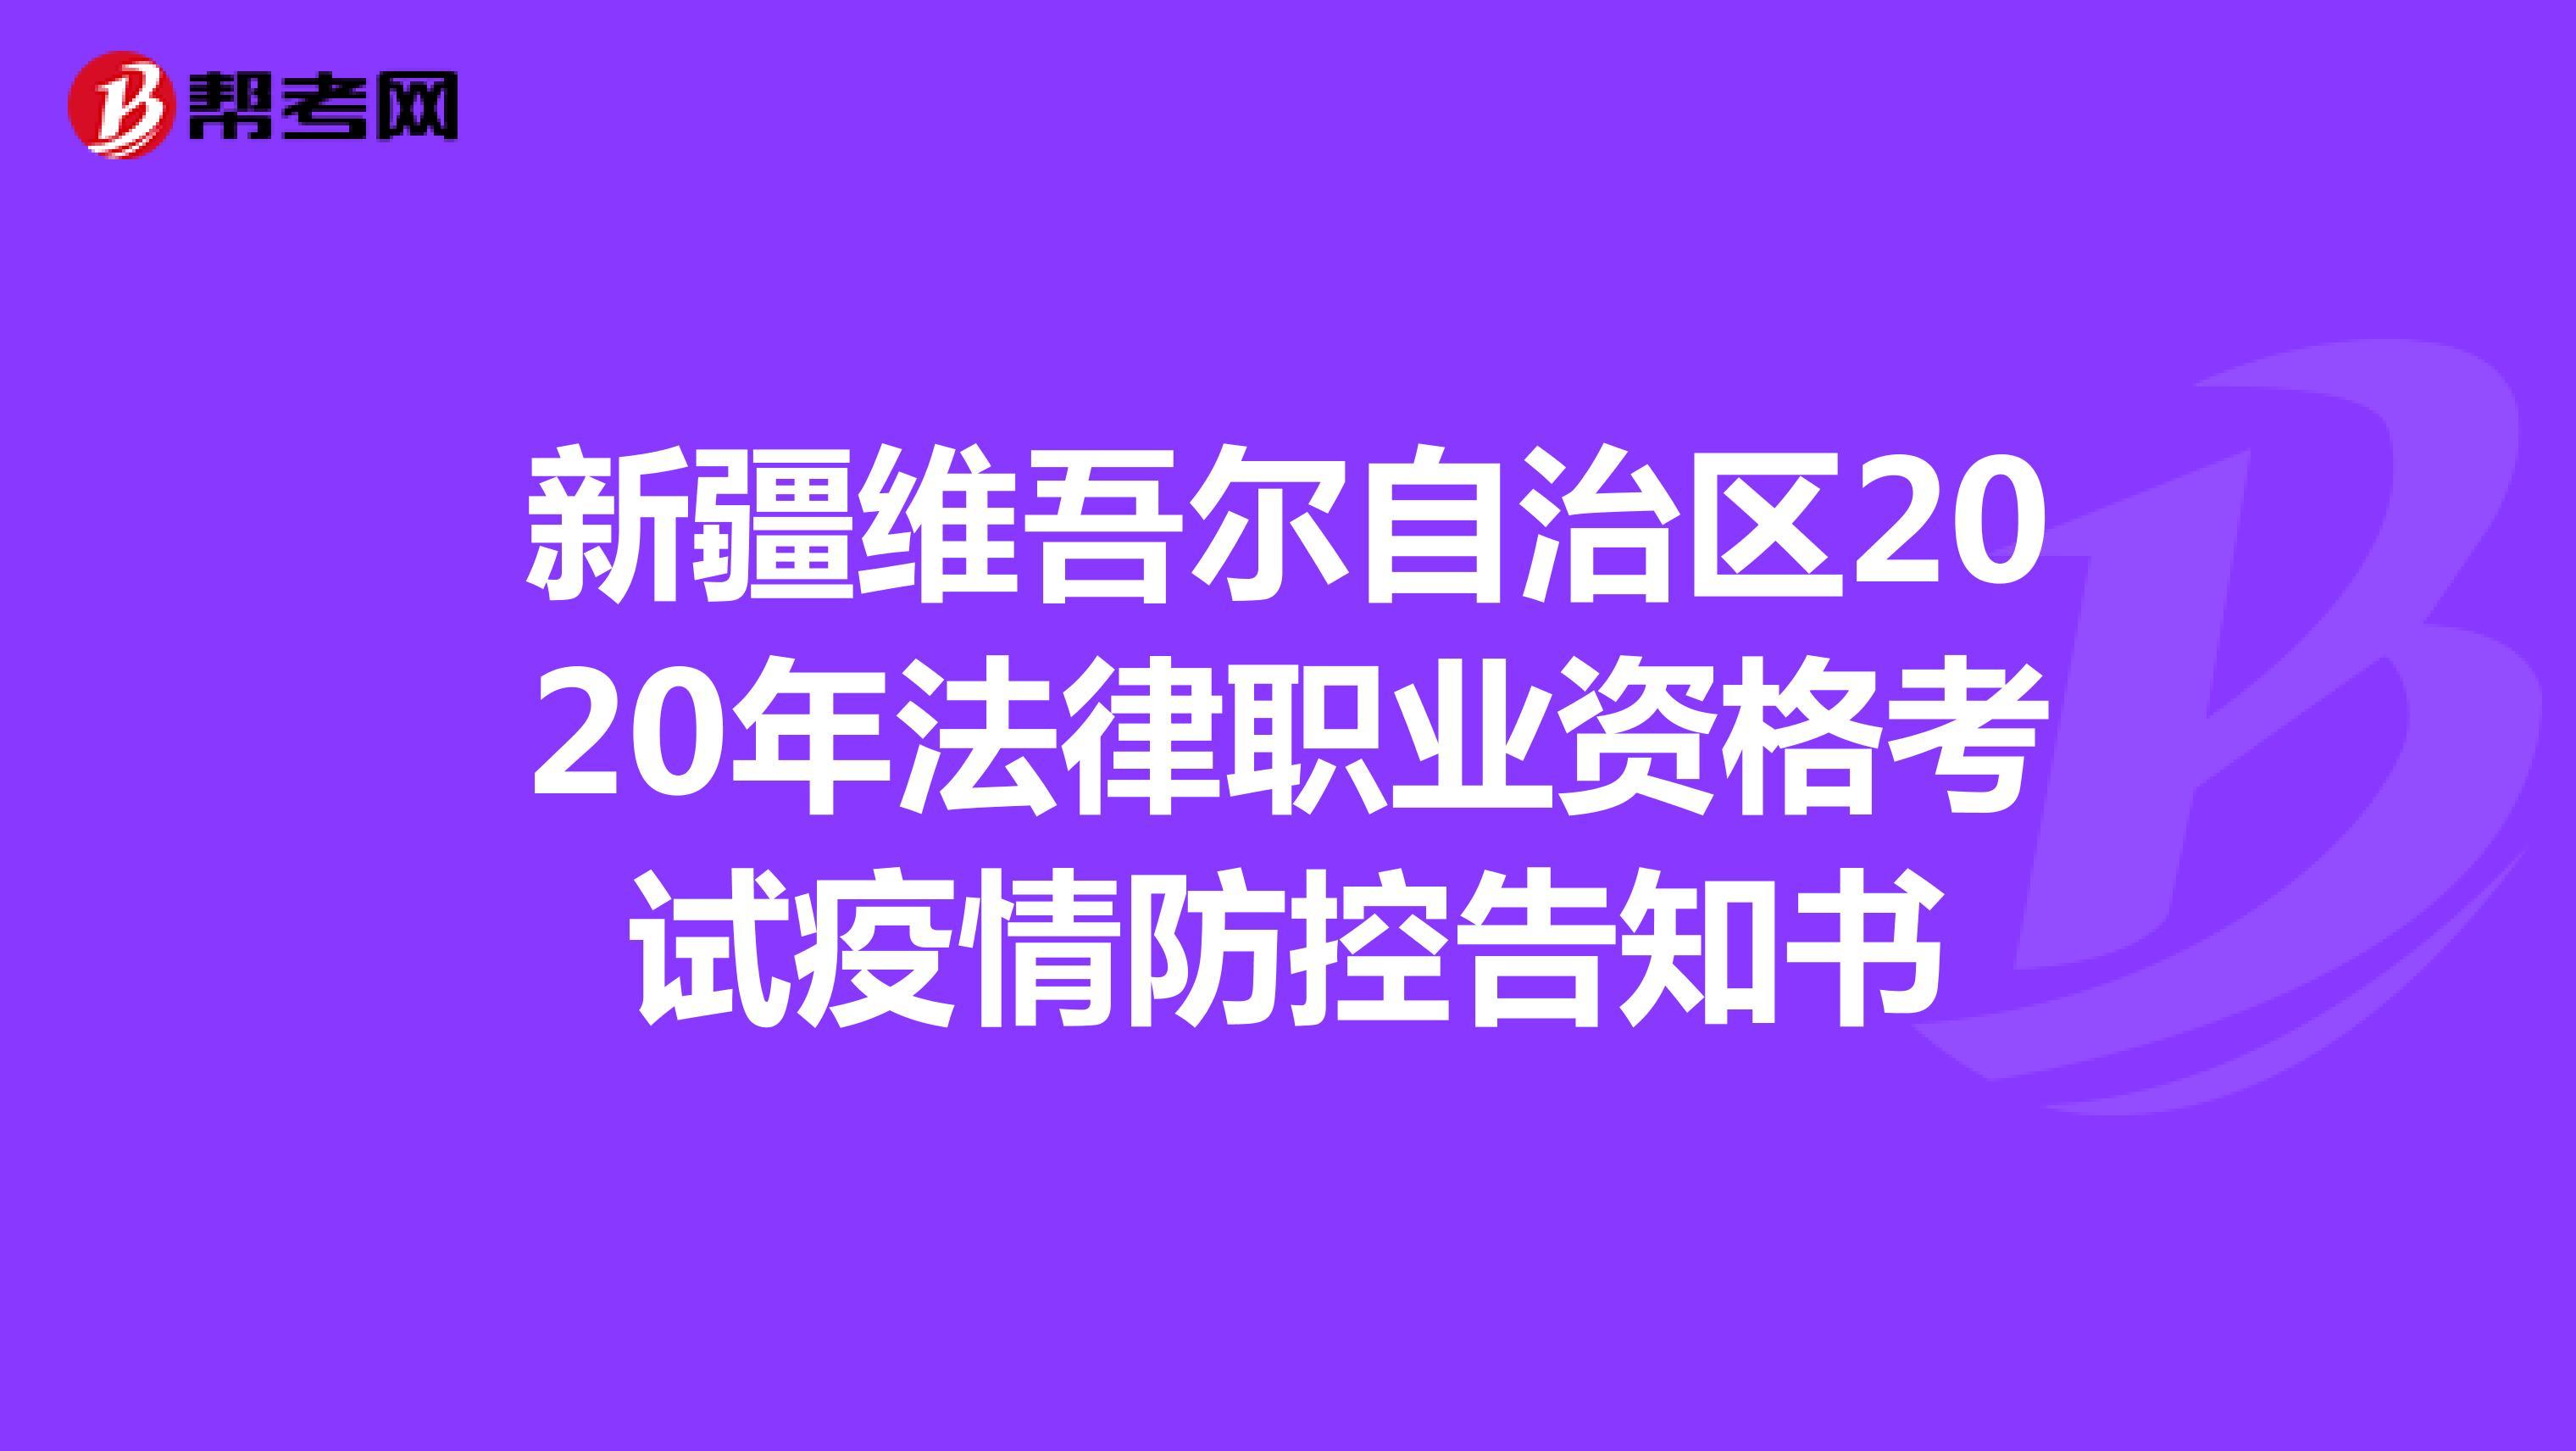 新疆维吾尔自治区2020年法律职业资格考试疫情防控告知书